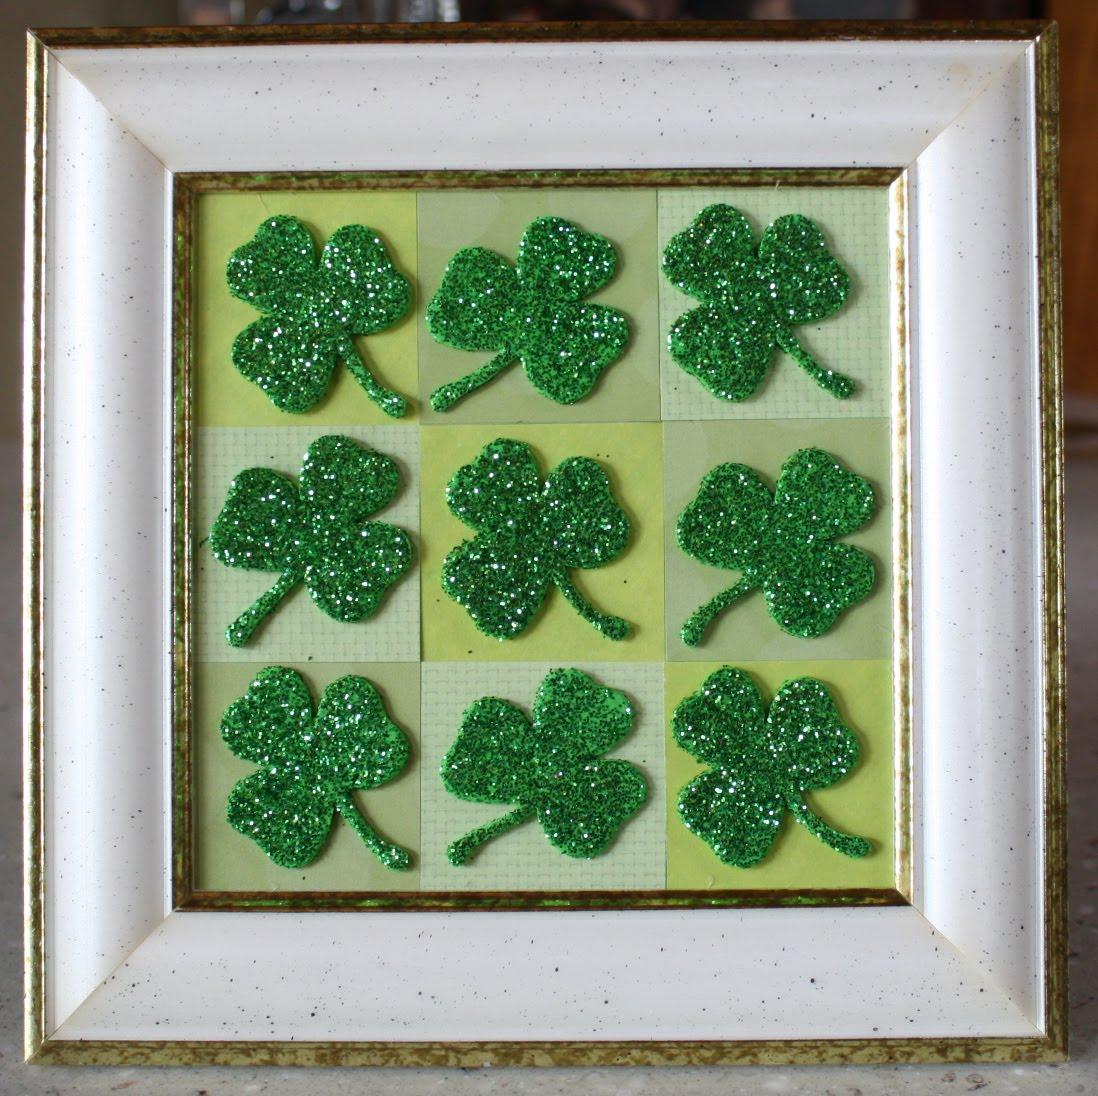 Saint patrick day crafts - St Patrick S Day Crafts